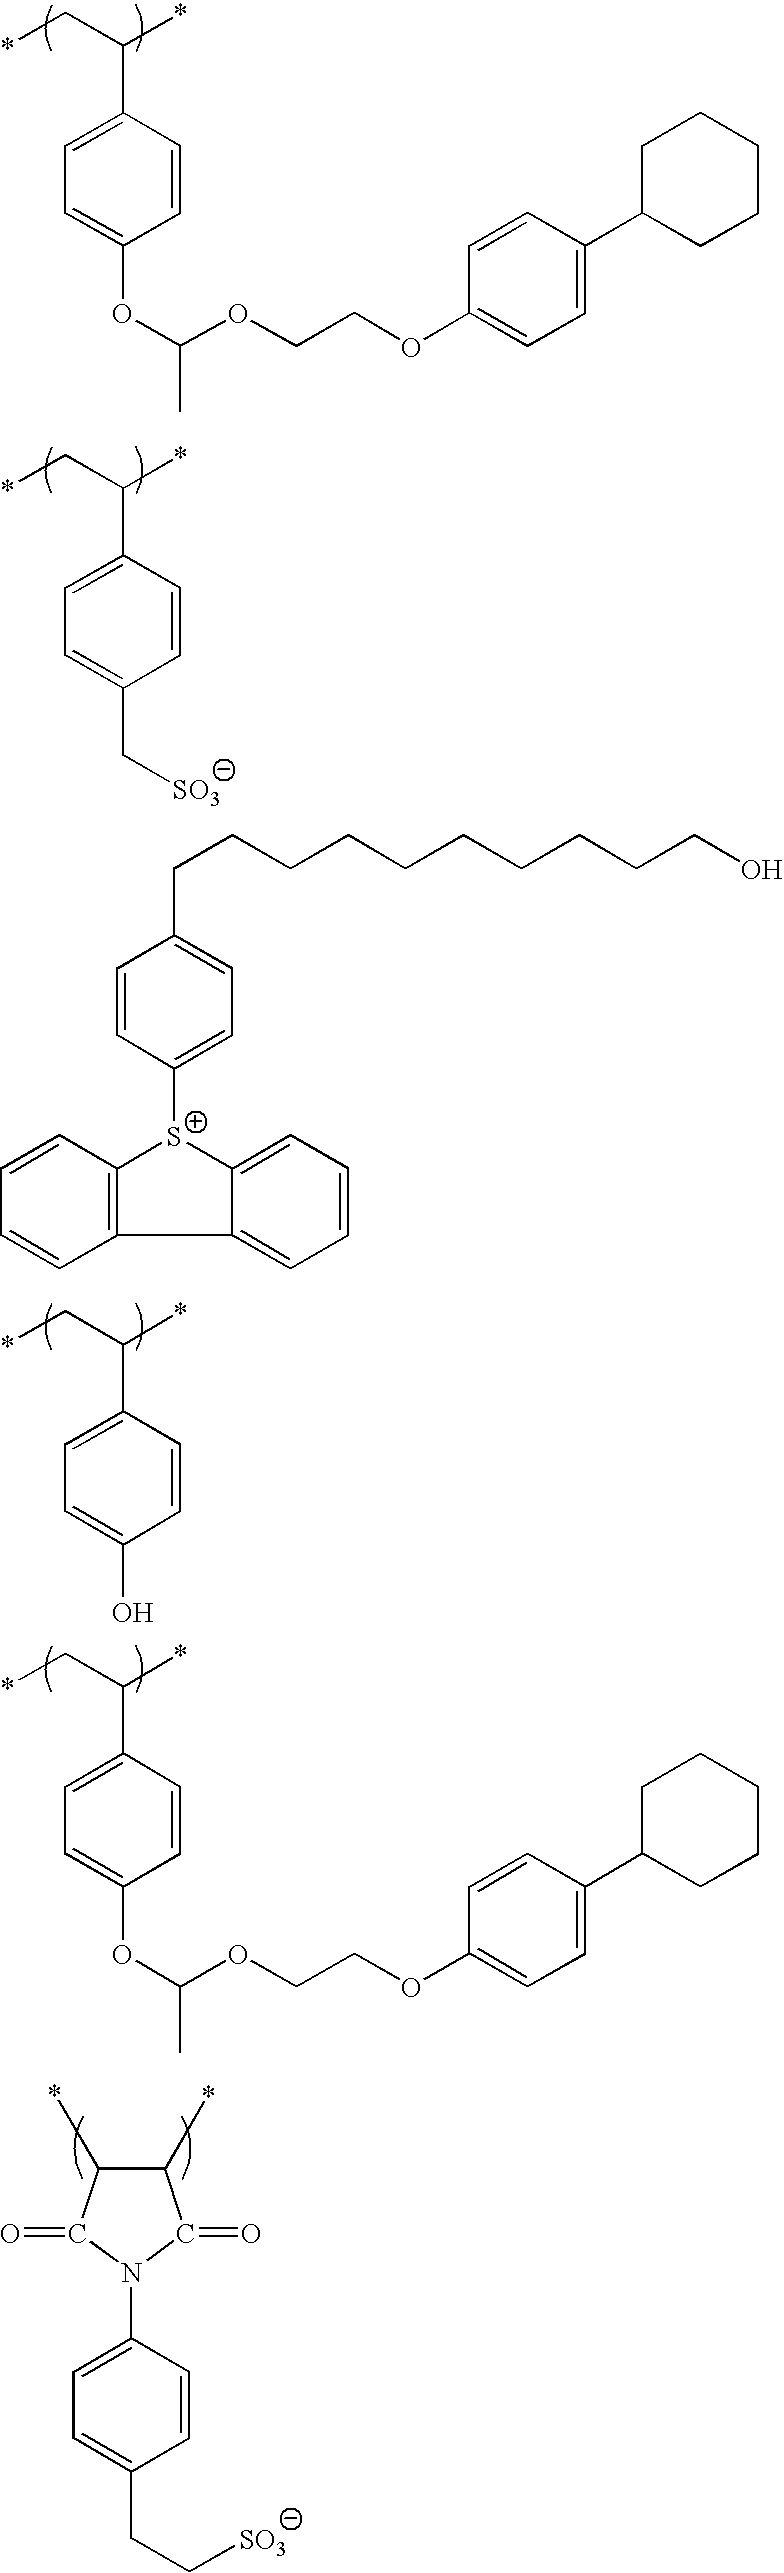 Figure US08852845-20141007-C00165